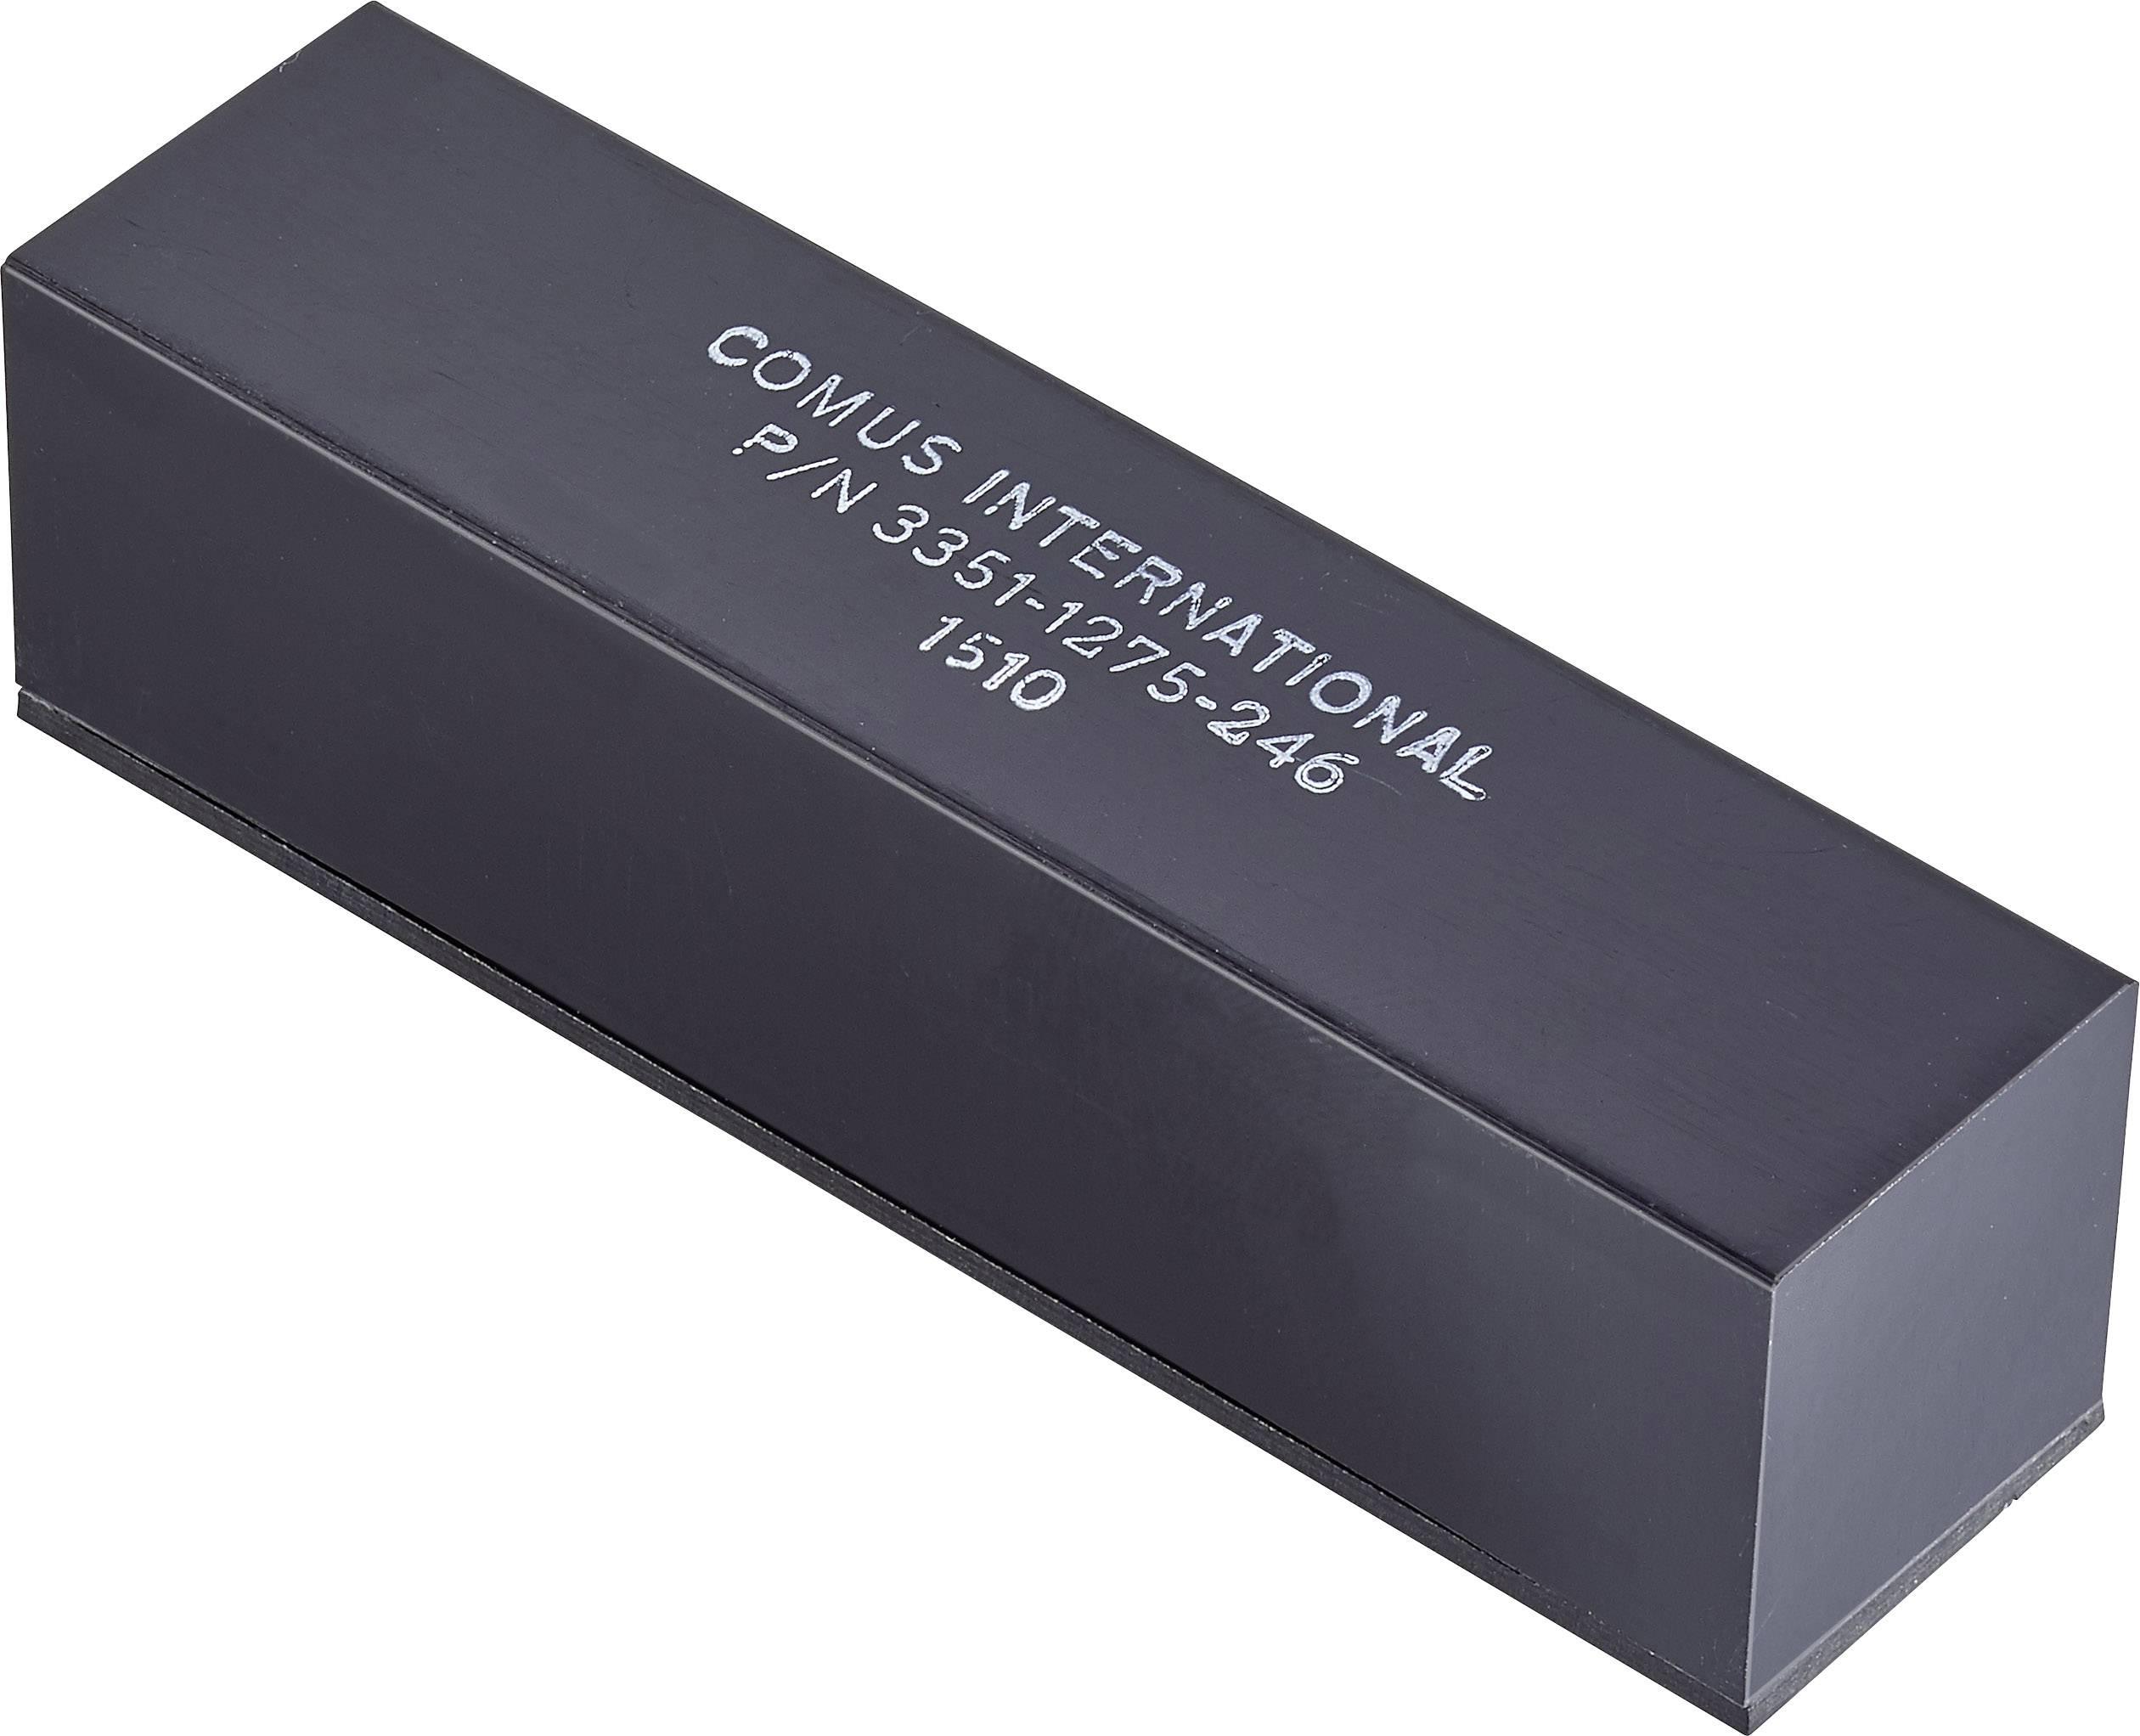 Relé s jazýčkovým kontaktem Comus 3351-1275-246, 3351-1275-246, 1 spínací kontakt, 24 V/DC, 3 A, 50 W